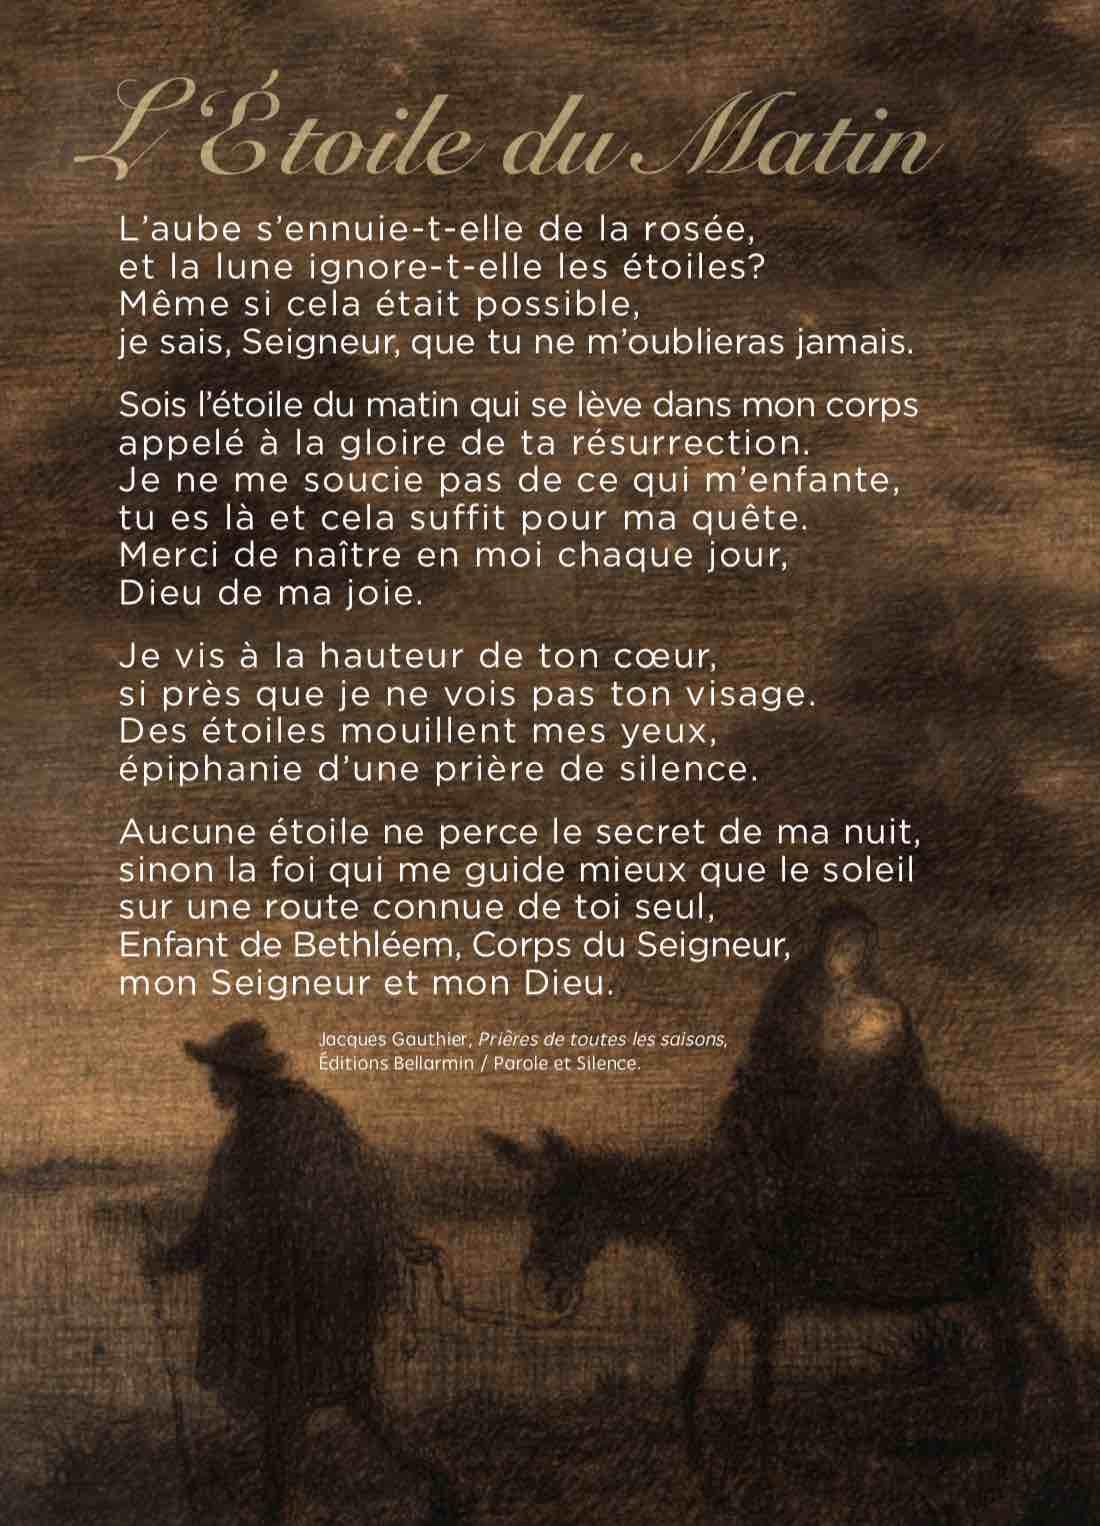 Prière Du Matin Radio Notre Dame : prière, matin, radio, notre, L'étoile, Matin, Blogue, Jacques, Gauthier